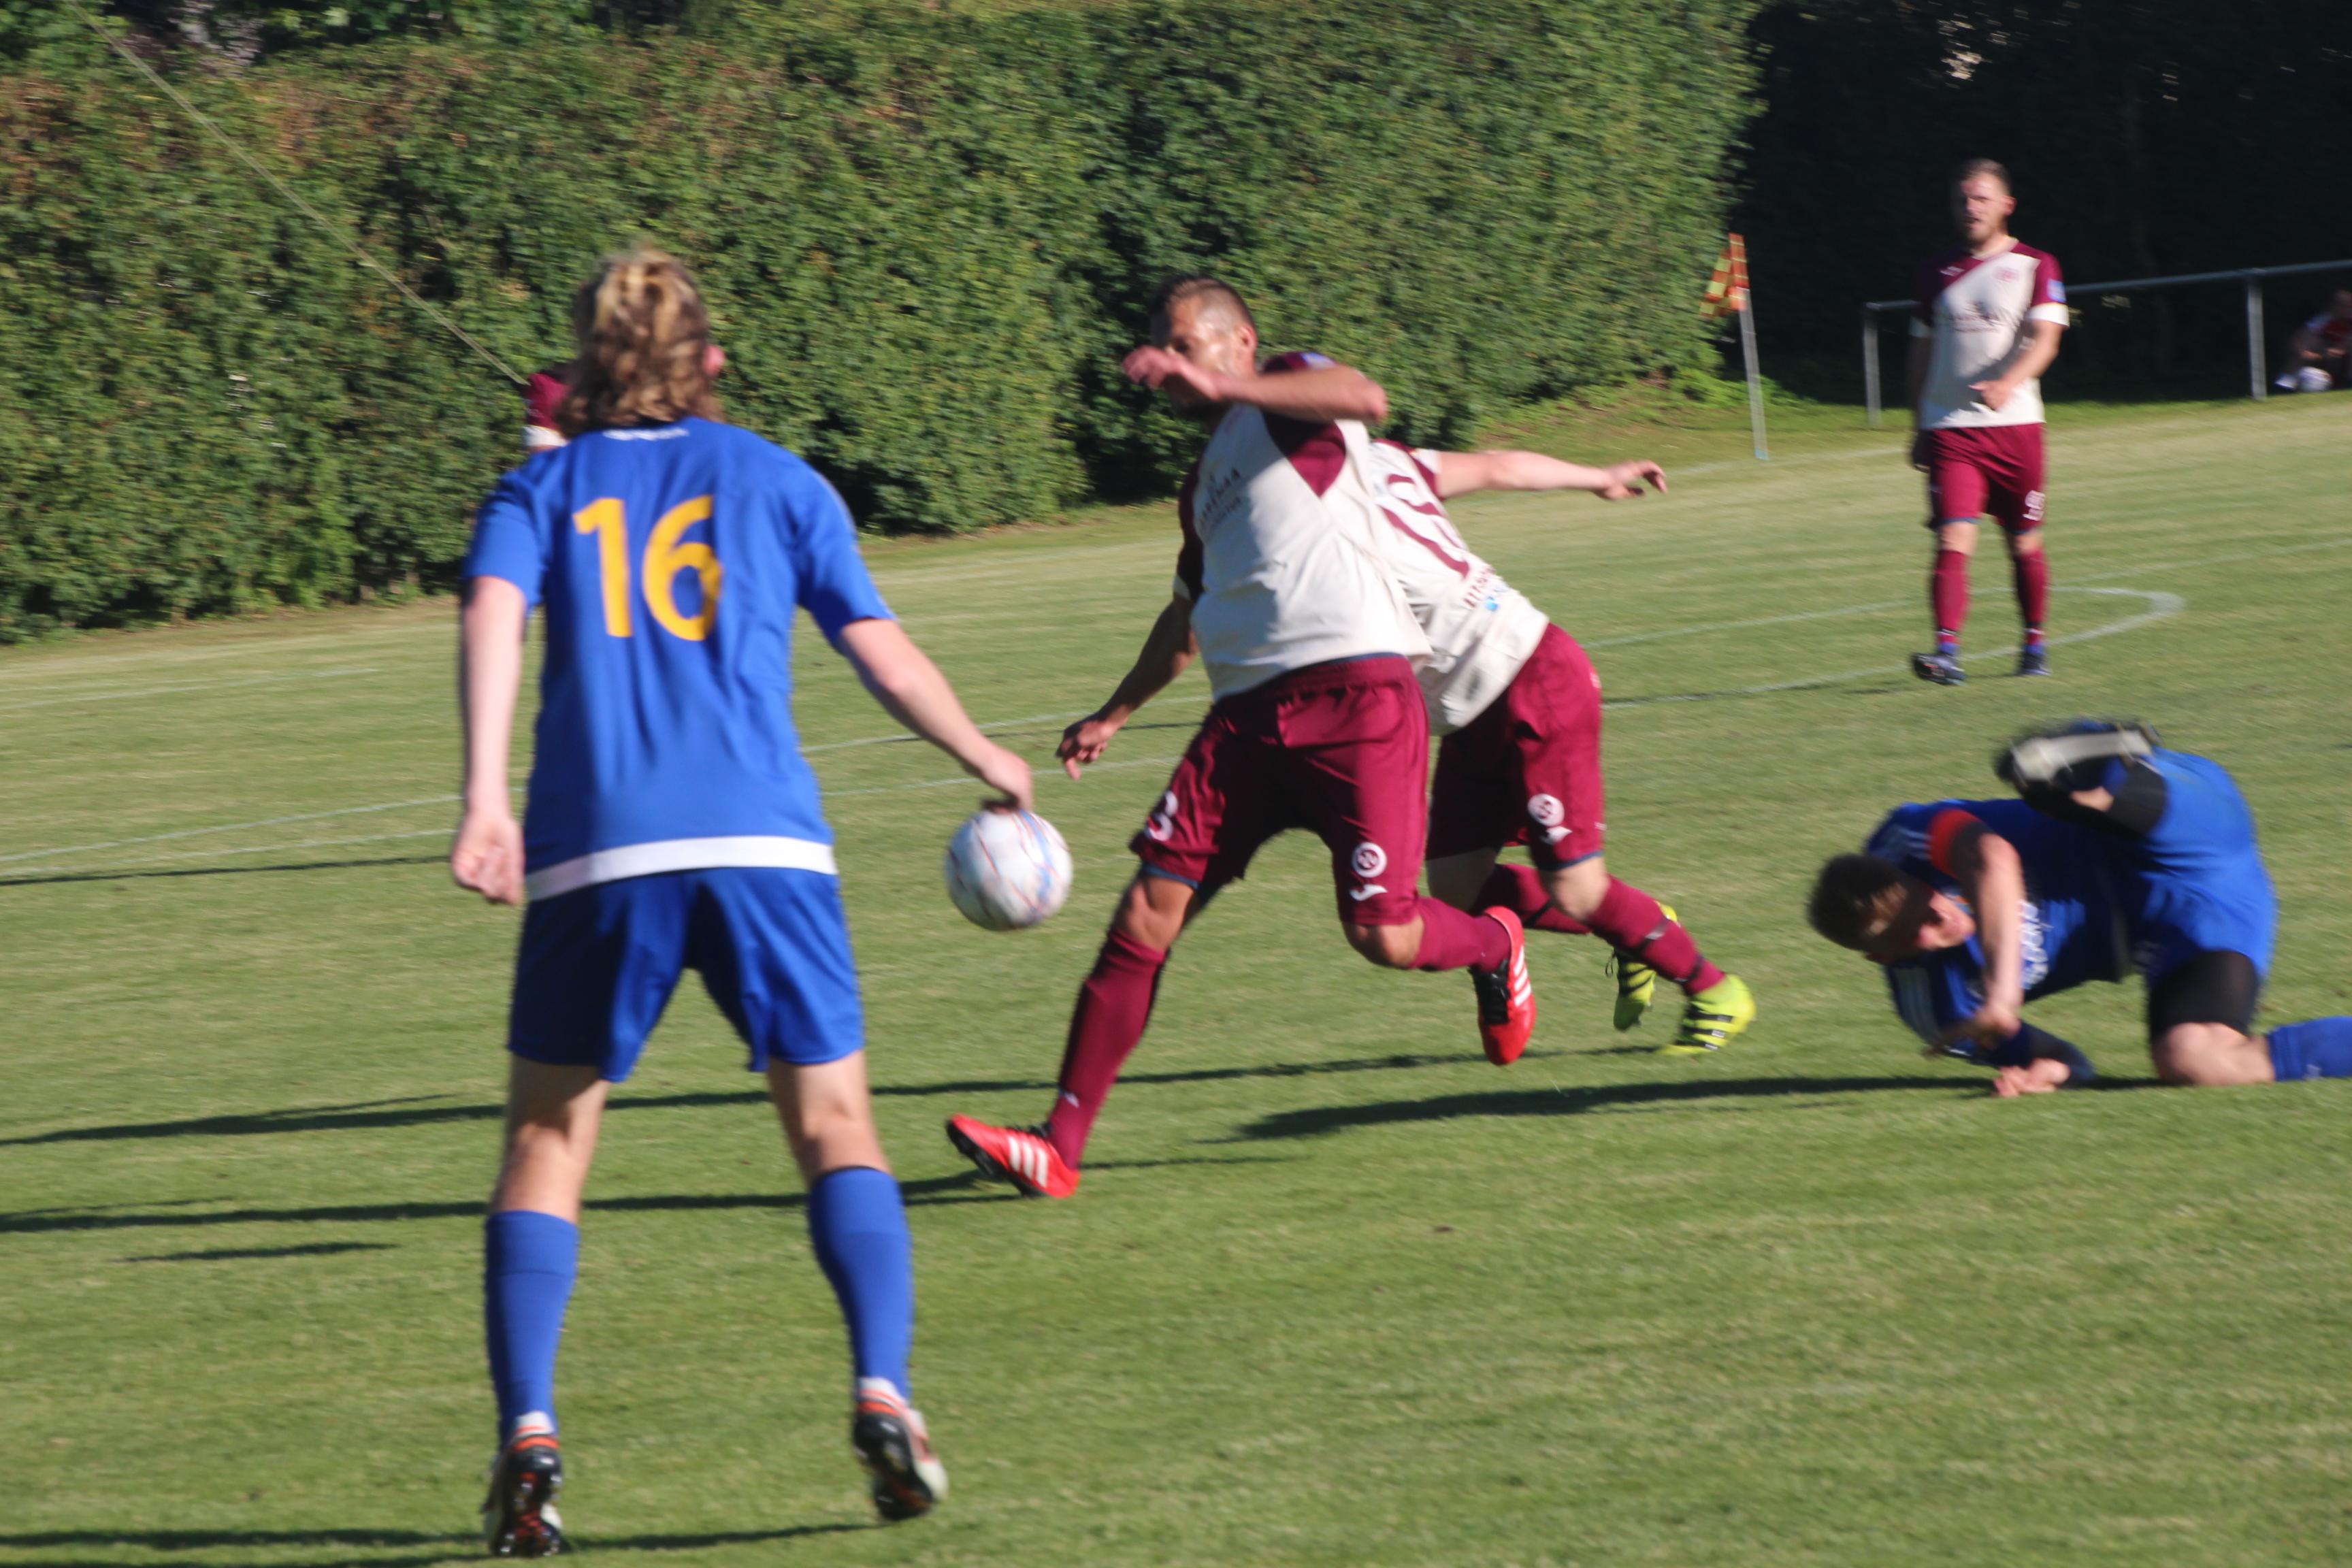 Ynys Mon võõrustab Saarte mängude alternatiivset jalgpalliturniiri